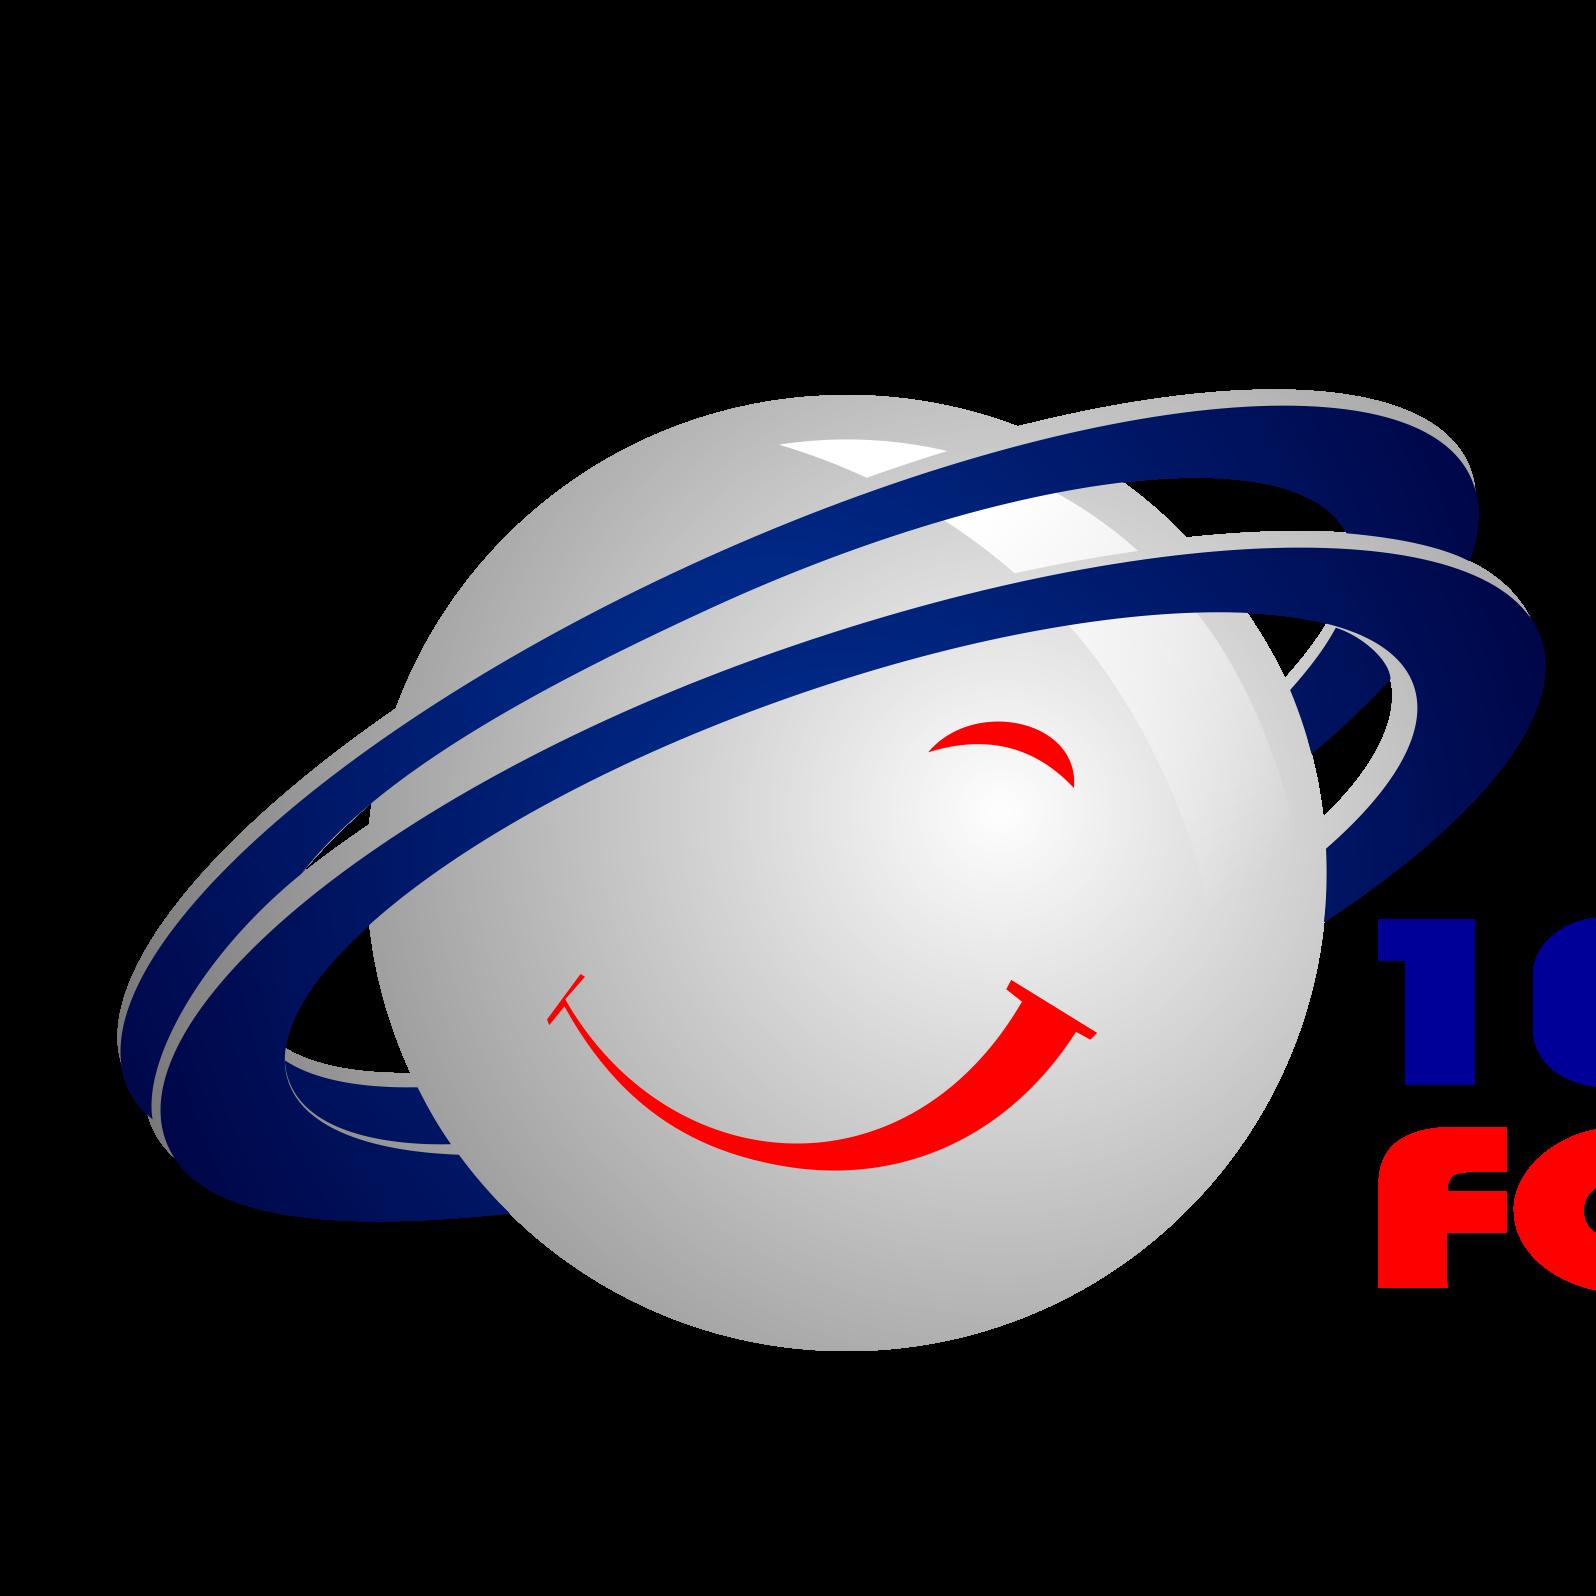 FortunaFM